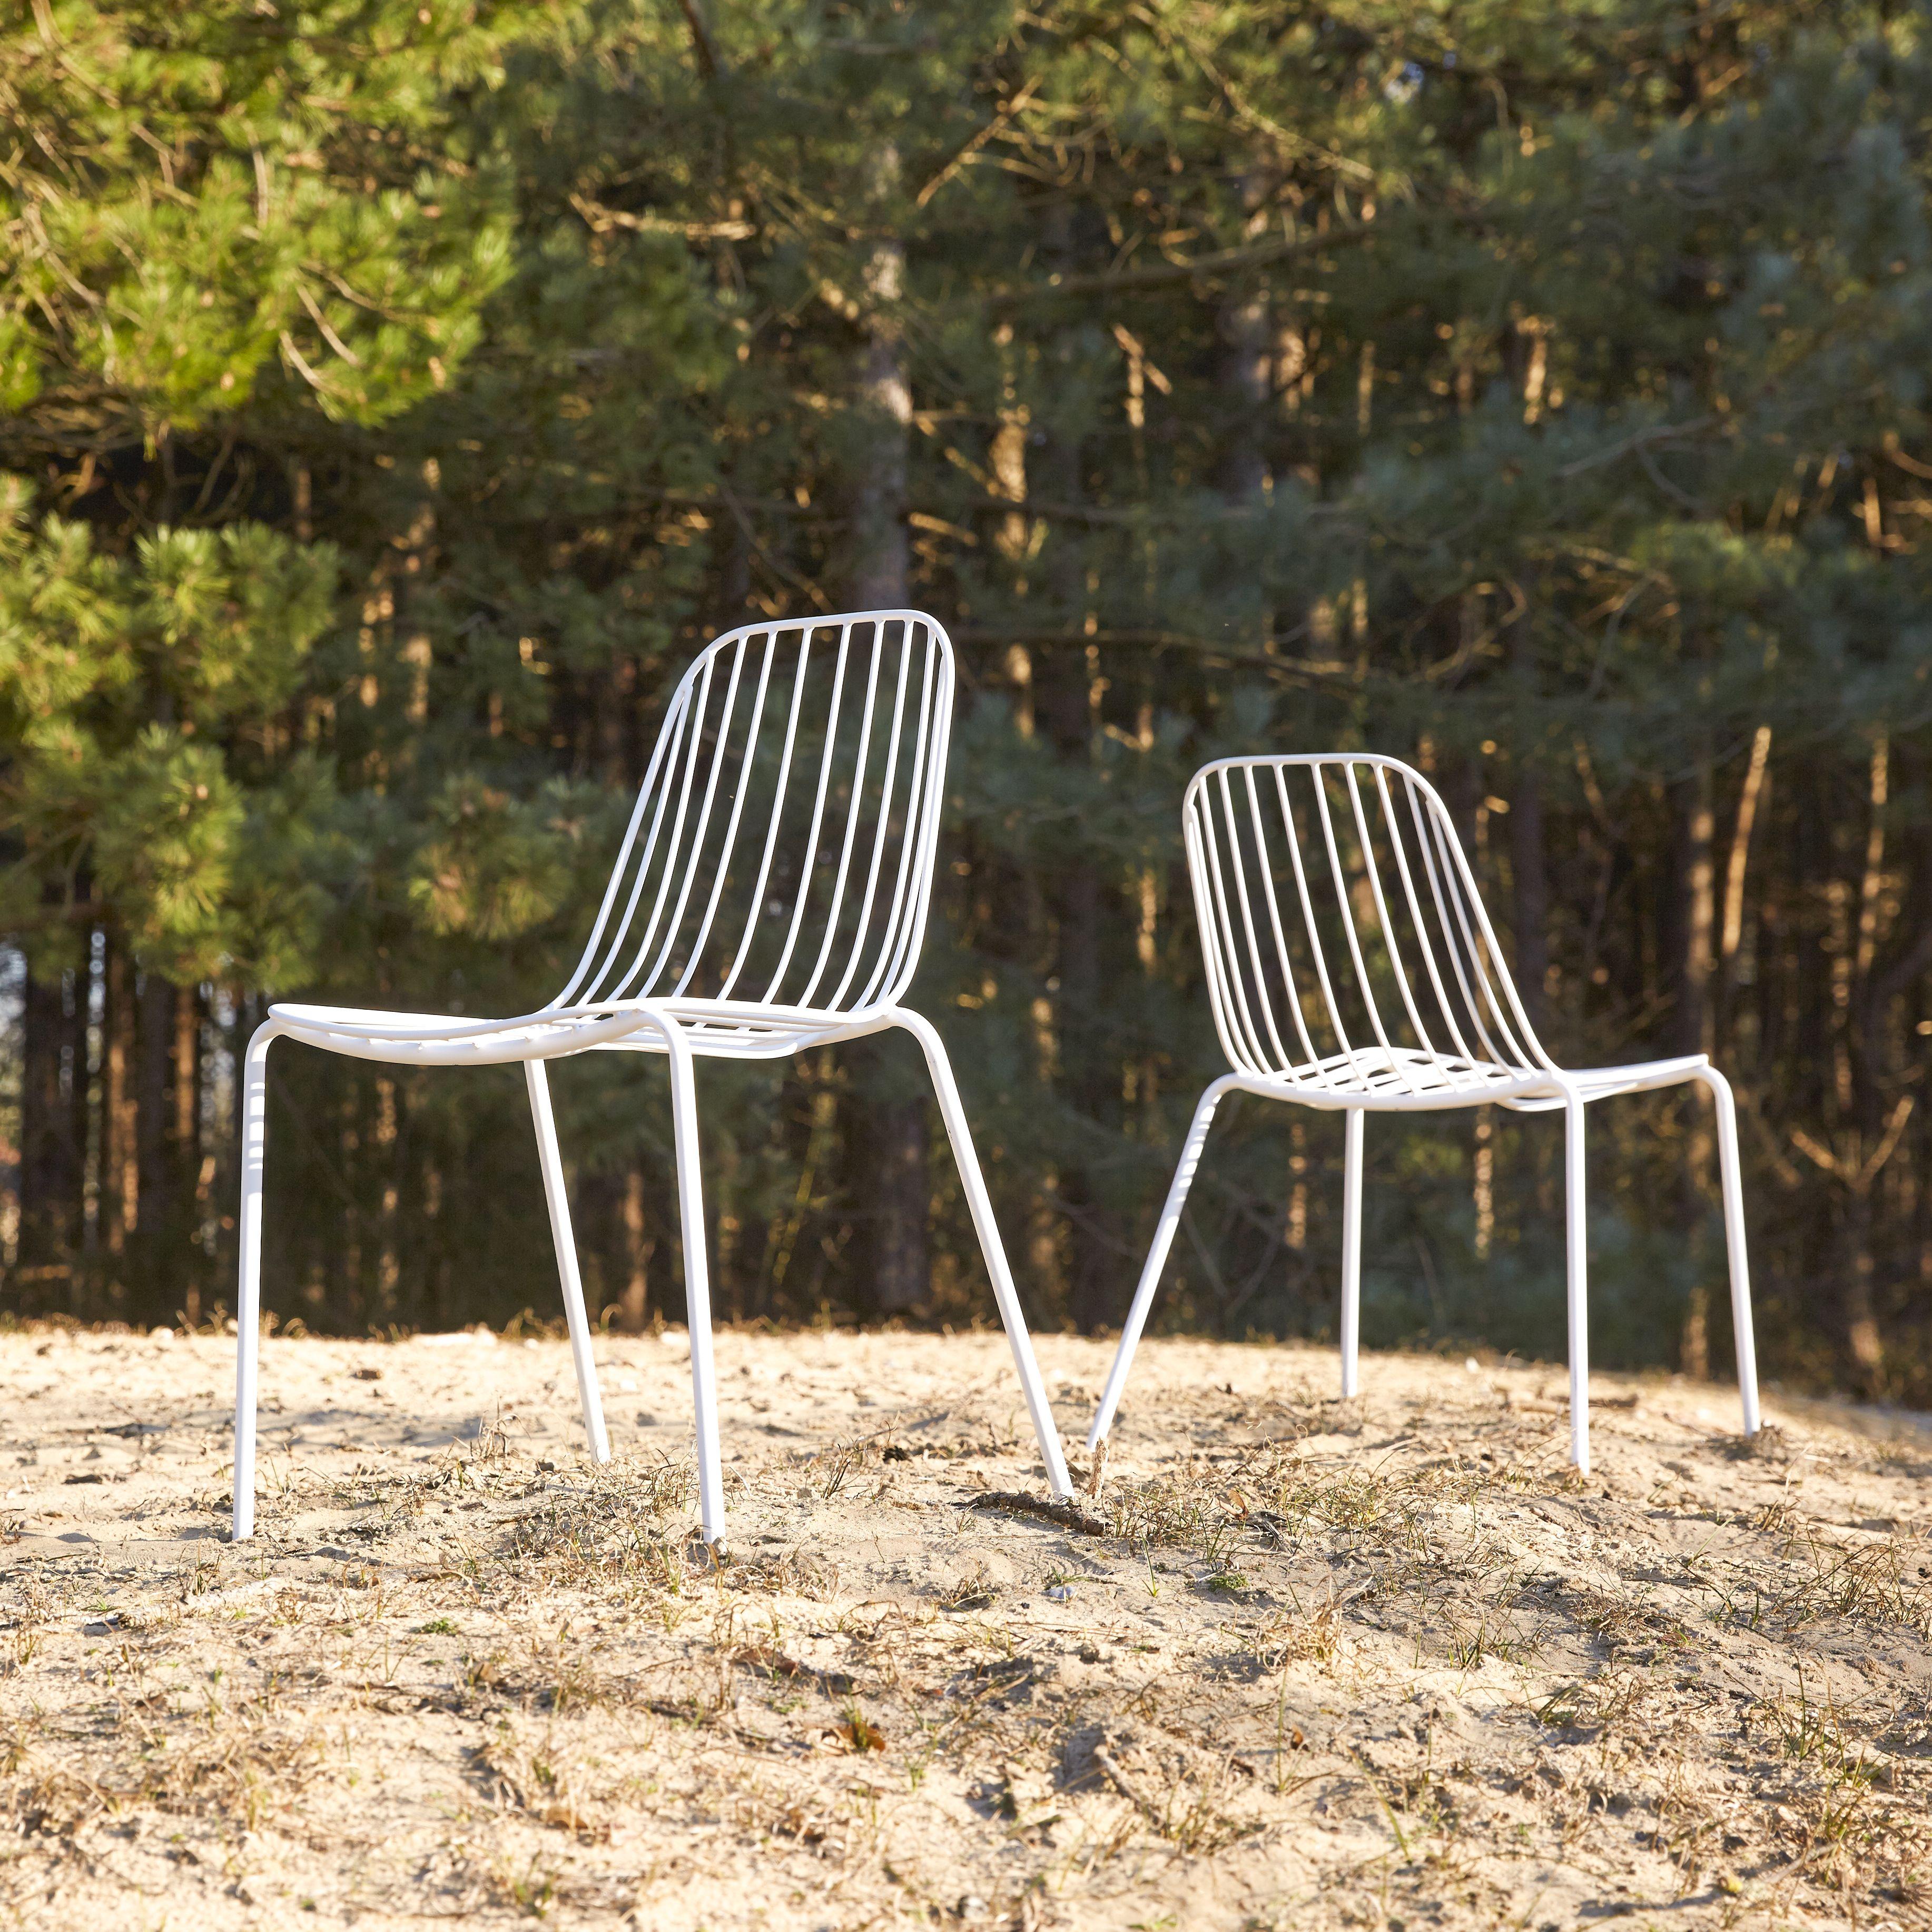 Chaise D Exterieur En Metal Blanc Assises Pour Le Jardin Chaise Jardin Metal Chaise De Jardin Mobilier Jardin